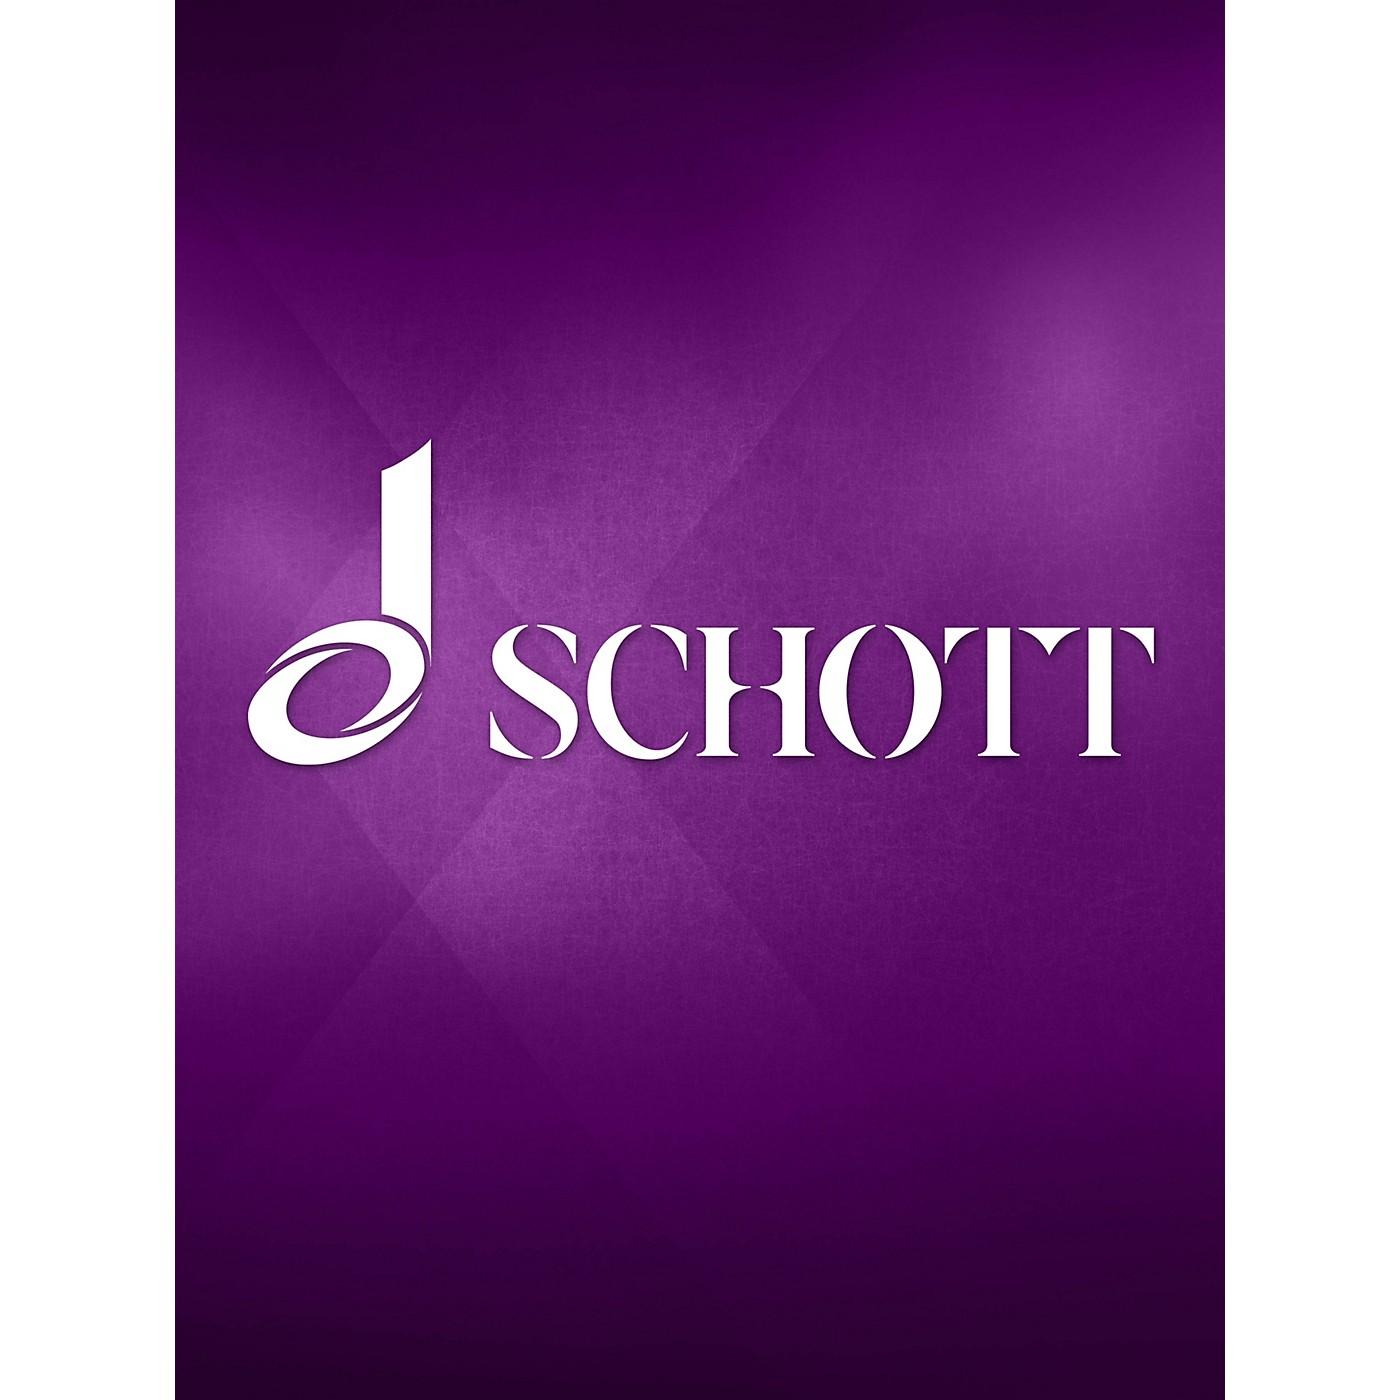 Schott Pfälzischer Liederreigen CHORAL SCORE Composed by Joseph Haas thumbnail